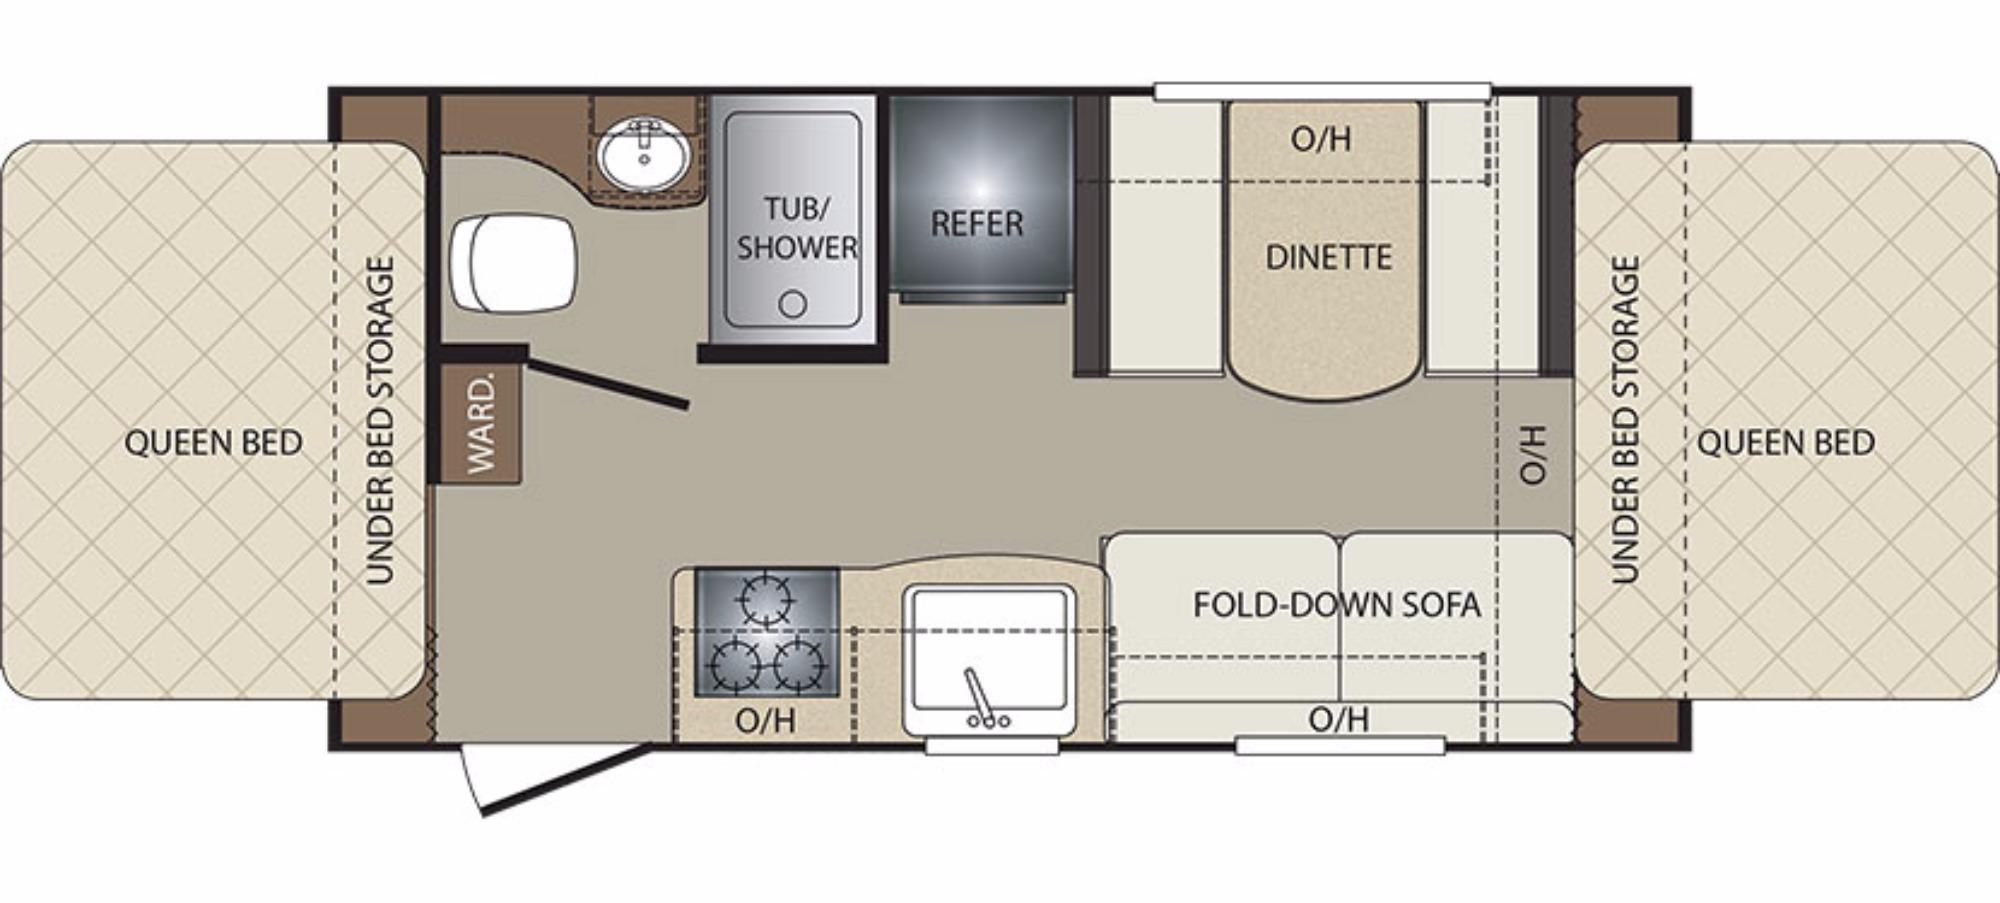 Keystone Bullet Rv Floor Plans: 2017 Keystone Bullet Crossfire 1650ex